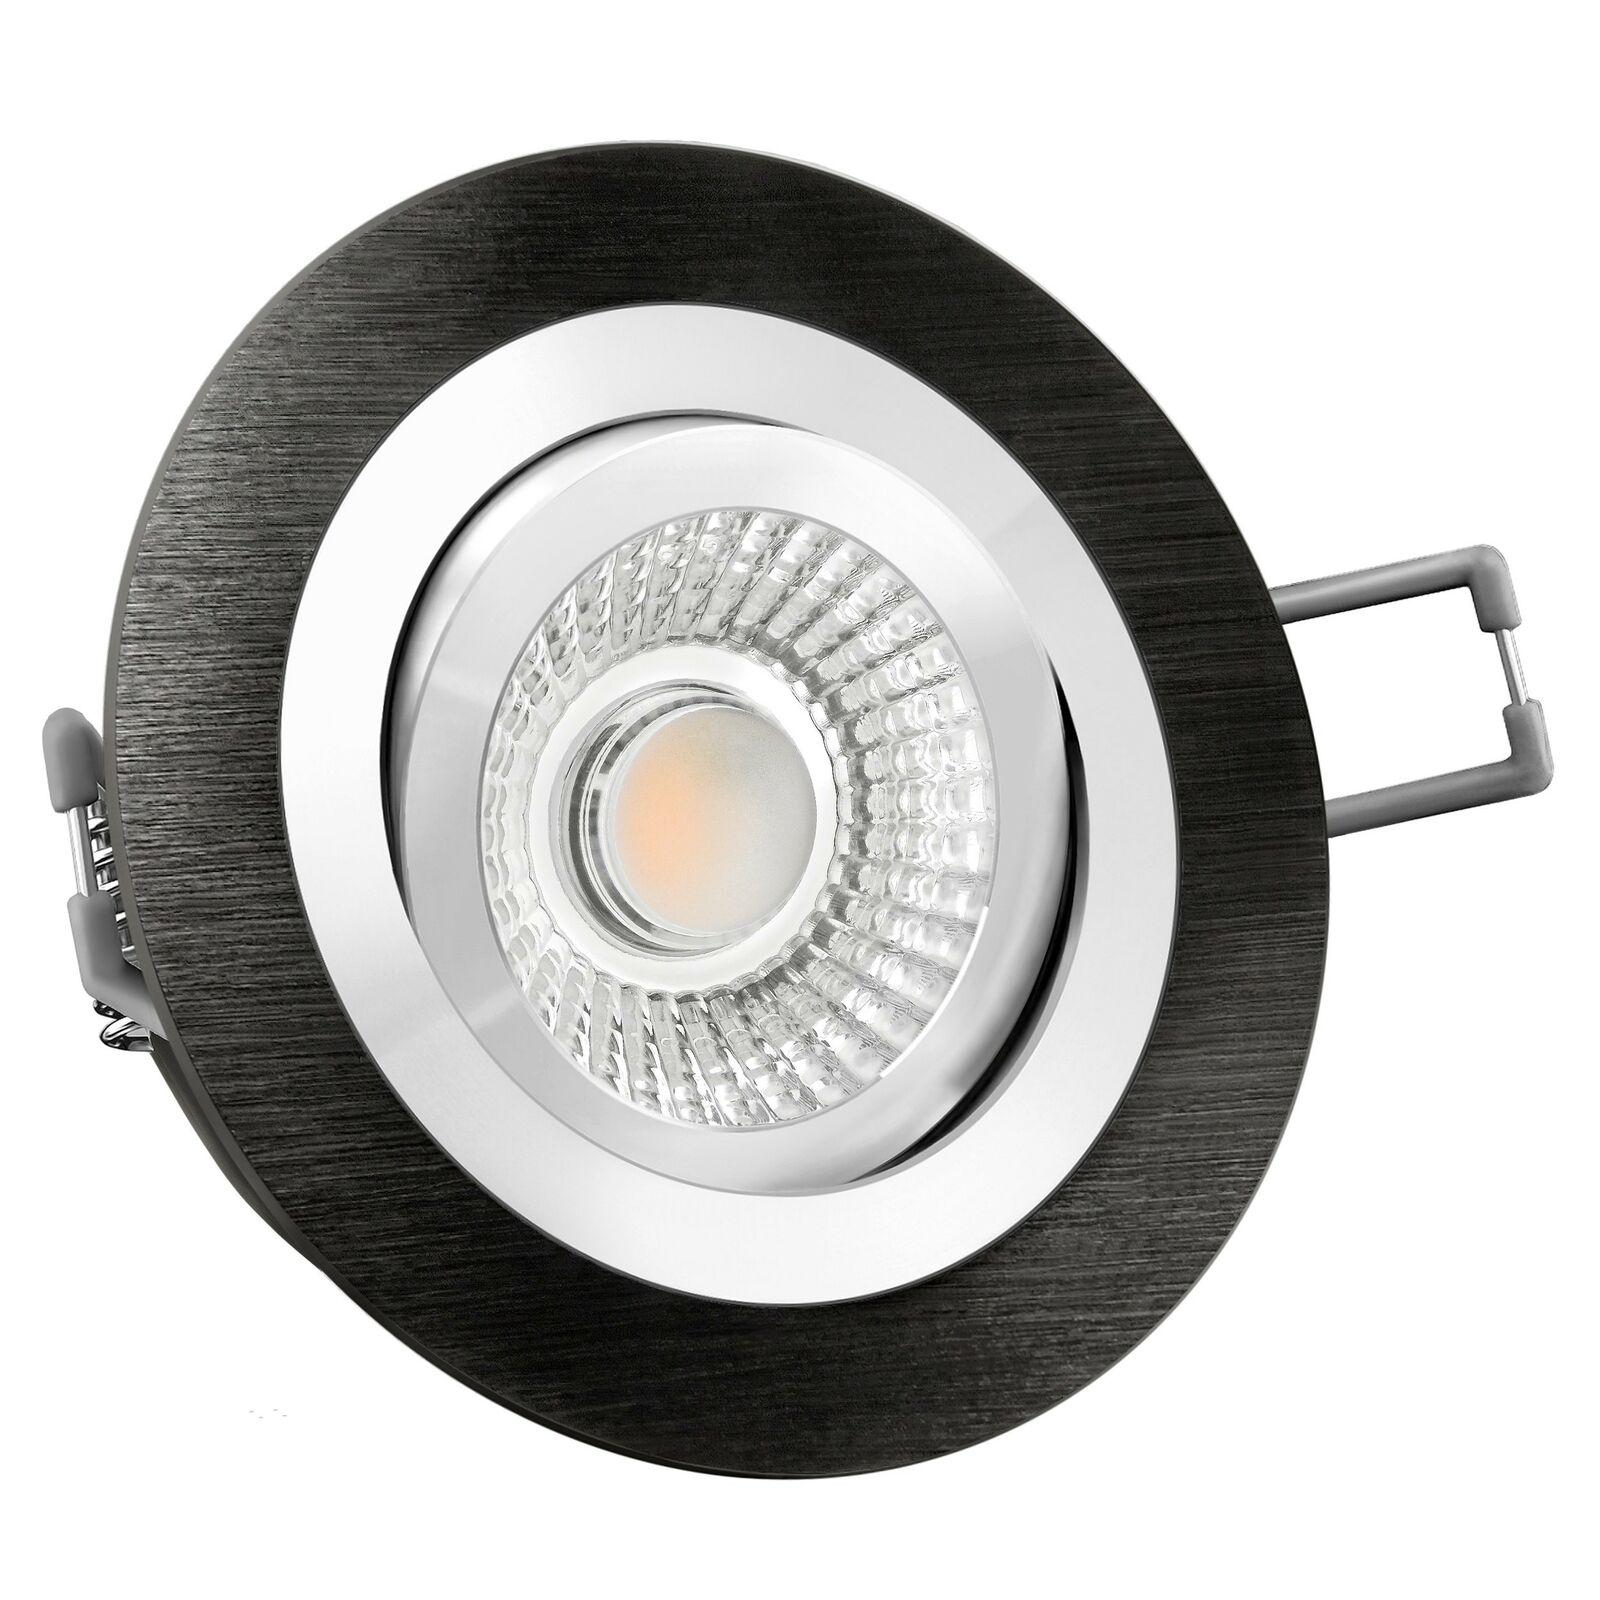 RF-2 Einbauspot rund Alu schwarz schwenkbar LED-Modul 15W, warm weiß dimmbar | Günstige  | Elegante Form  | Schenken Sie Ihrem Kind eine glückliche Kindheit